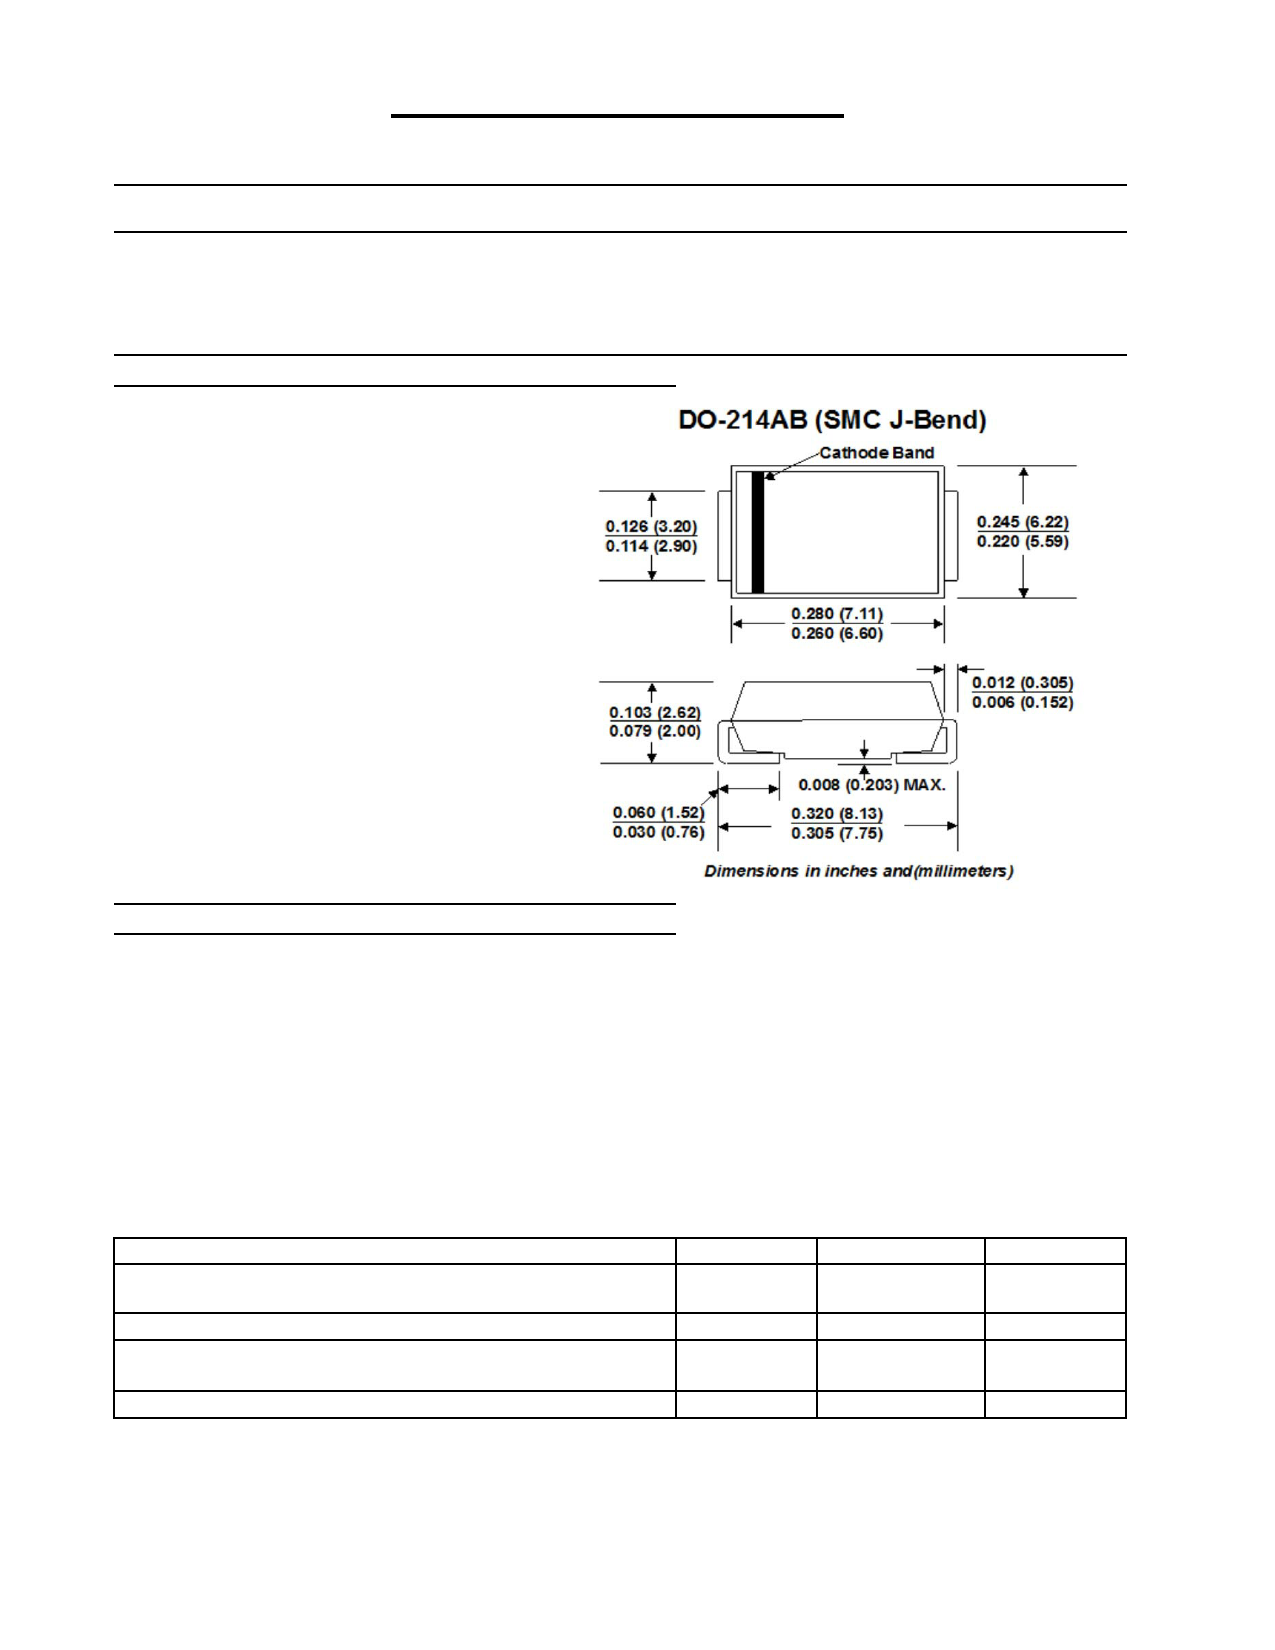 5.0SMLJ170A datasheet